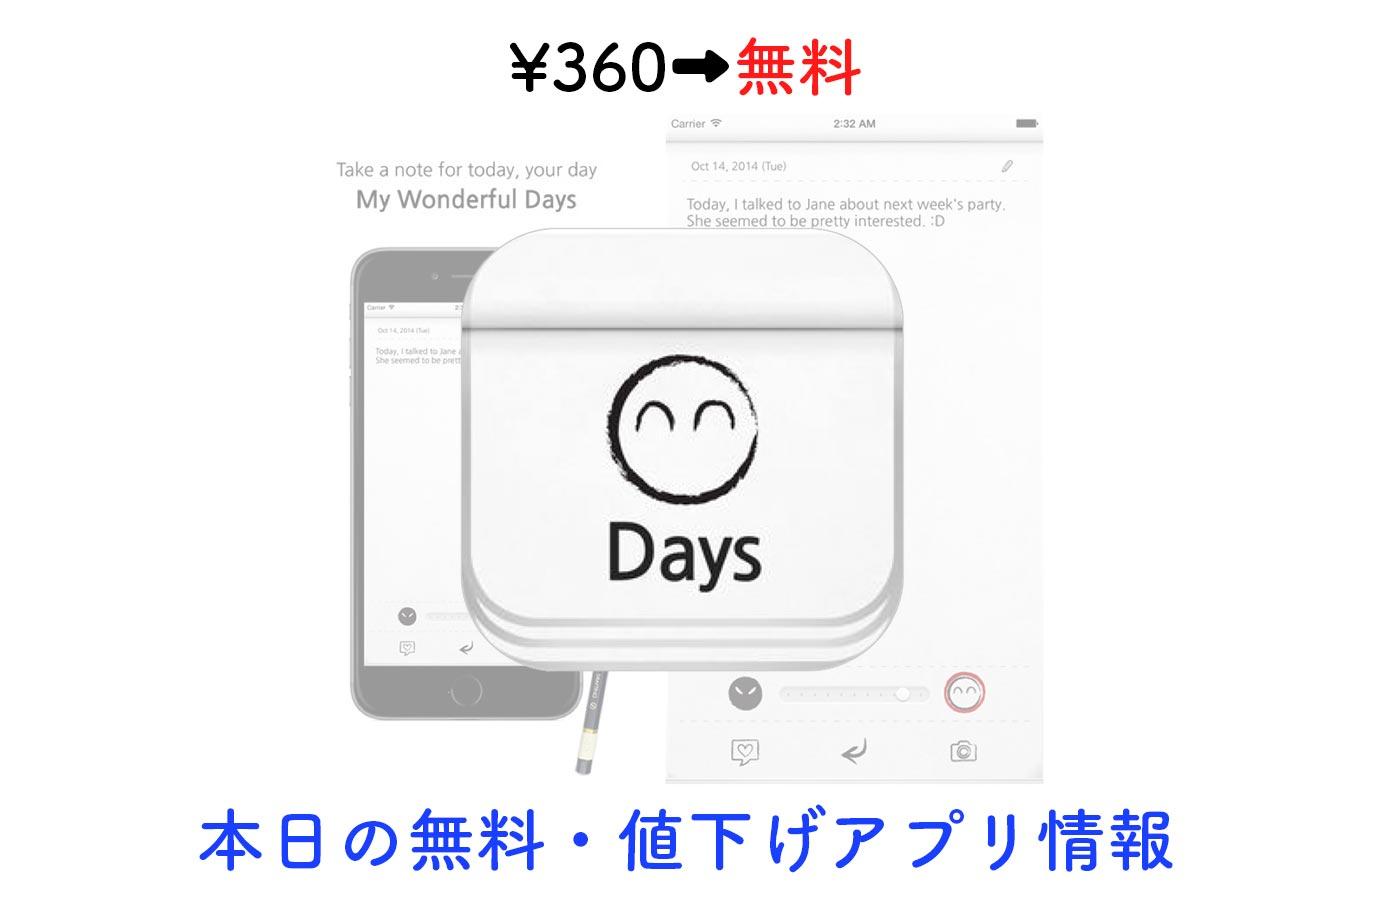 ¥360→無料、写真や動画が添付できるシンプルな日記アプリ「マイワンダフルデイズ」など【12/19】本日の無料・値下げアプリ情報